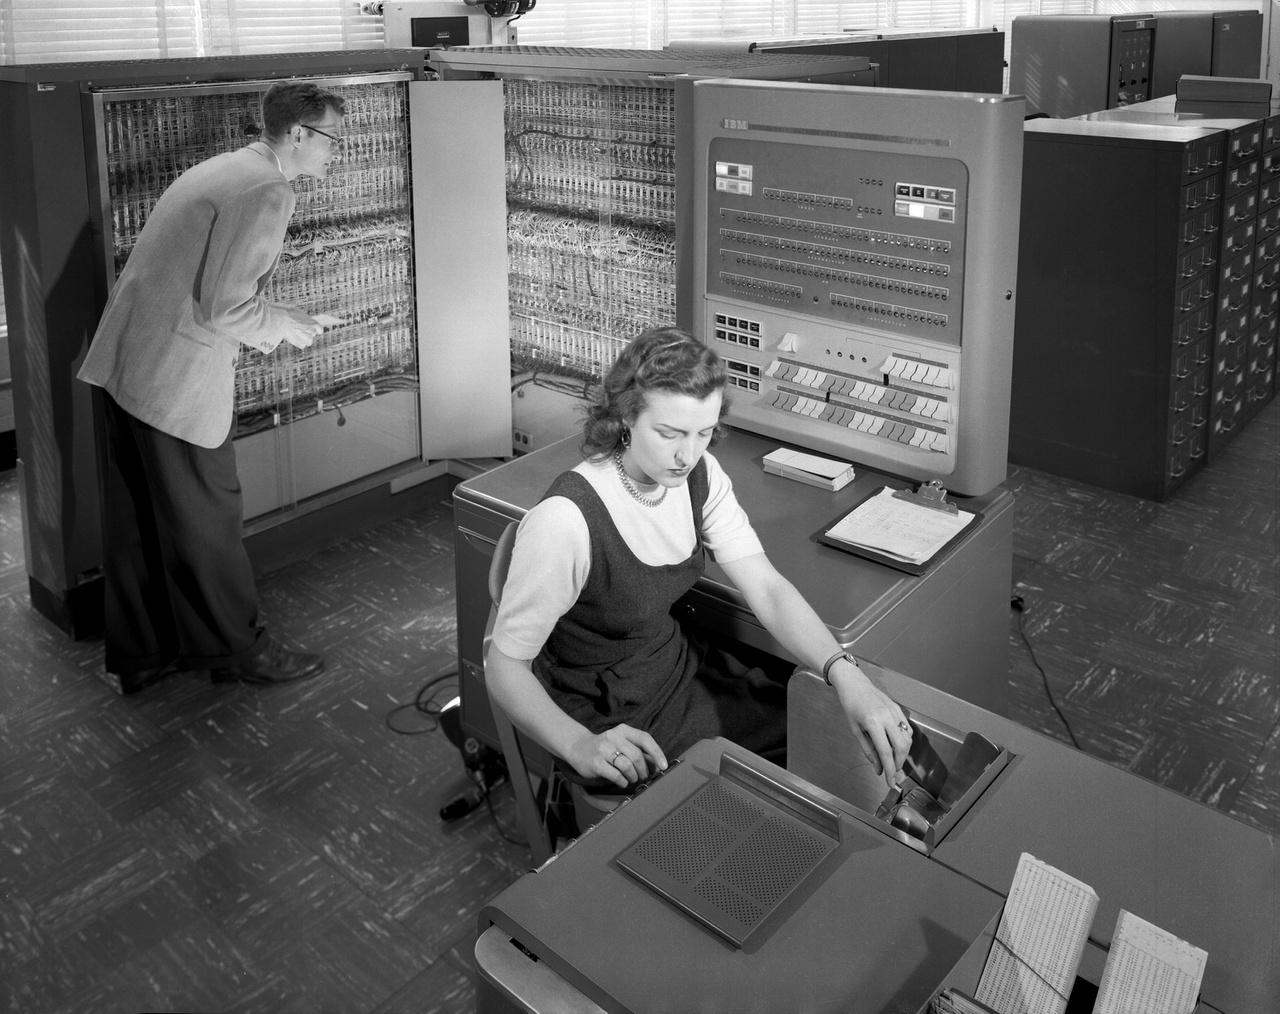 1957: IBM 704 típusú számítógéppel végez aeronautikai számításokat a LRC két alkalmazottja.